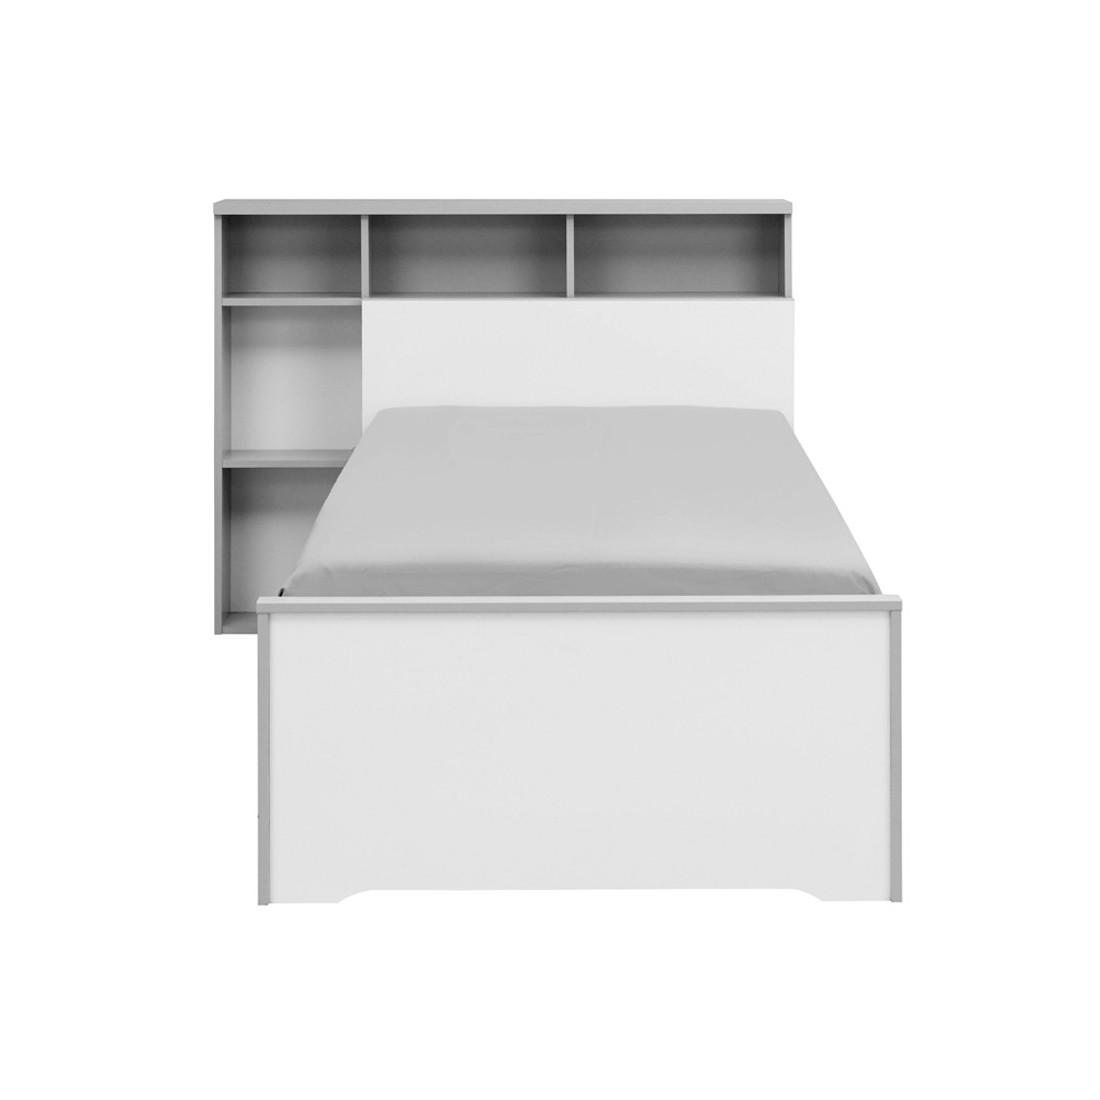 Lit blanc gris couchage 90x200 cm t te de lit jewel univers chambre - Tete de lit 200 cm ...